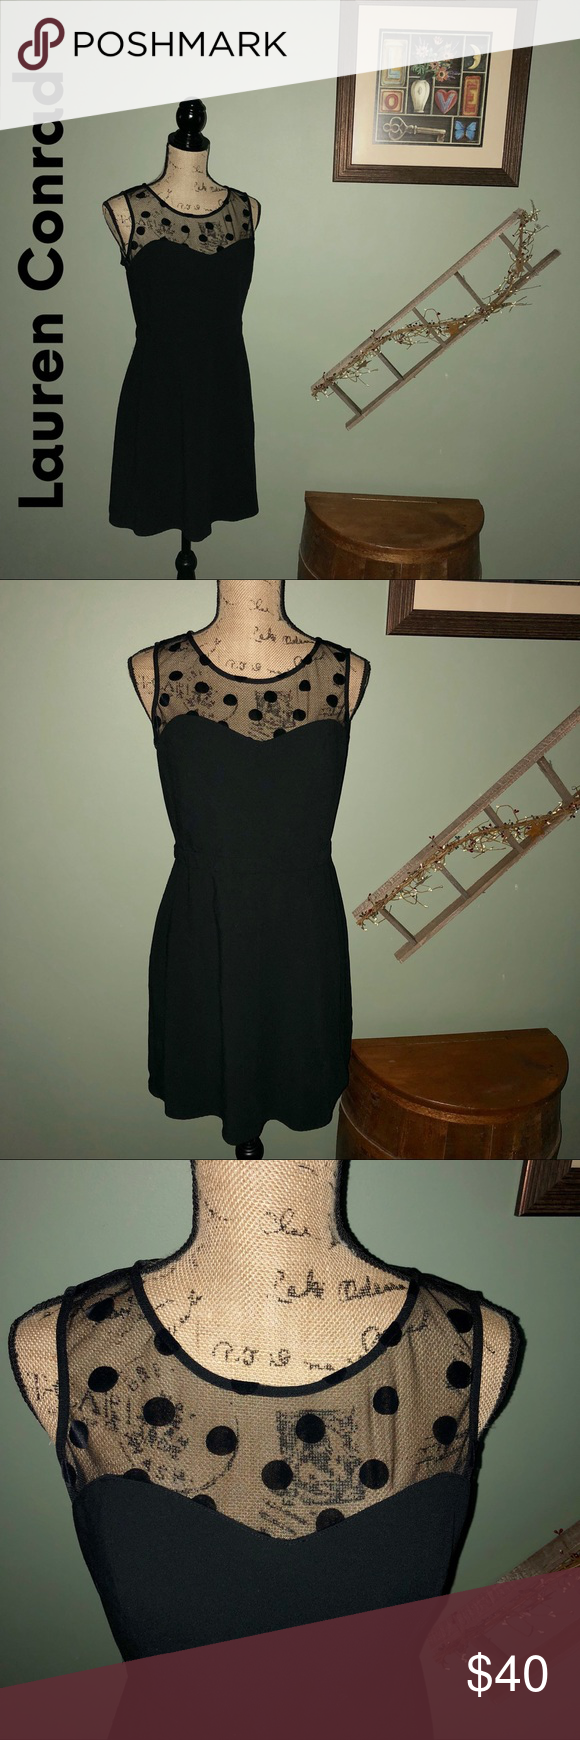 Lauren Conrad Lbd Black Dress With Mesh Top Lbd Black Dress Dresses Little Black Dress [ 1740 x 580 Pixel ]